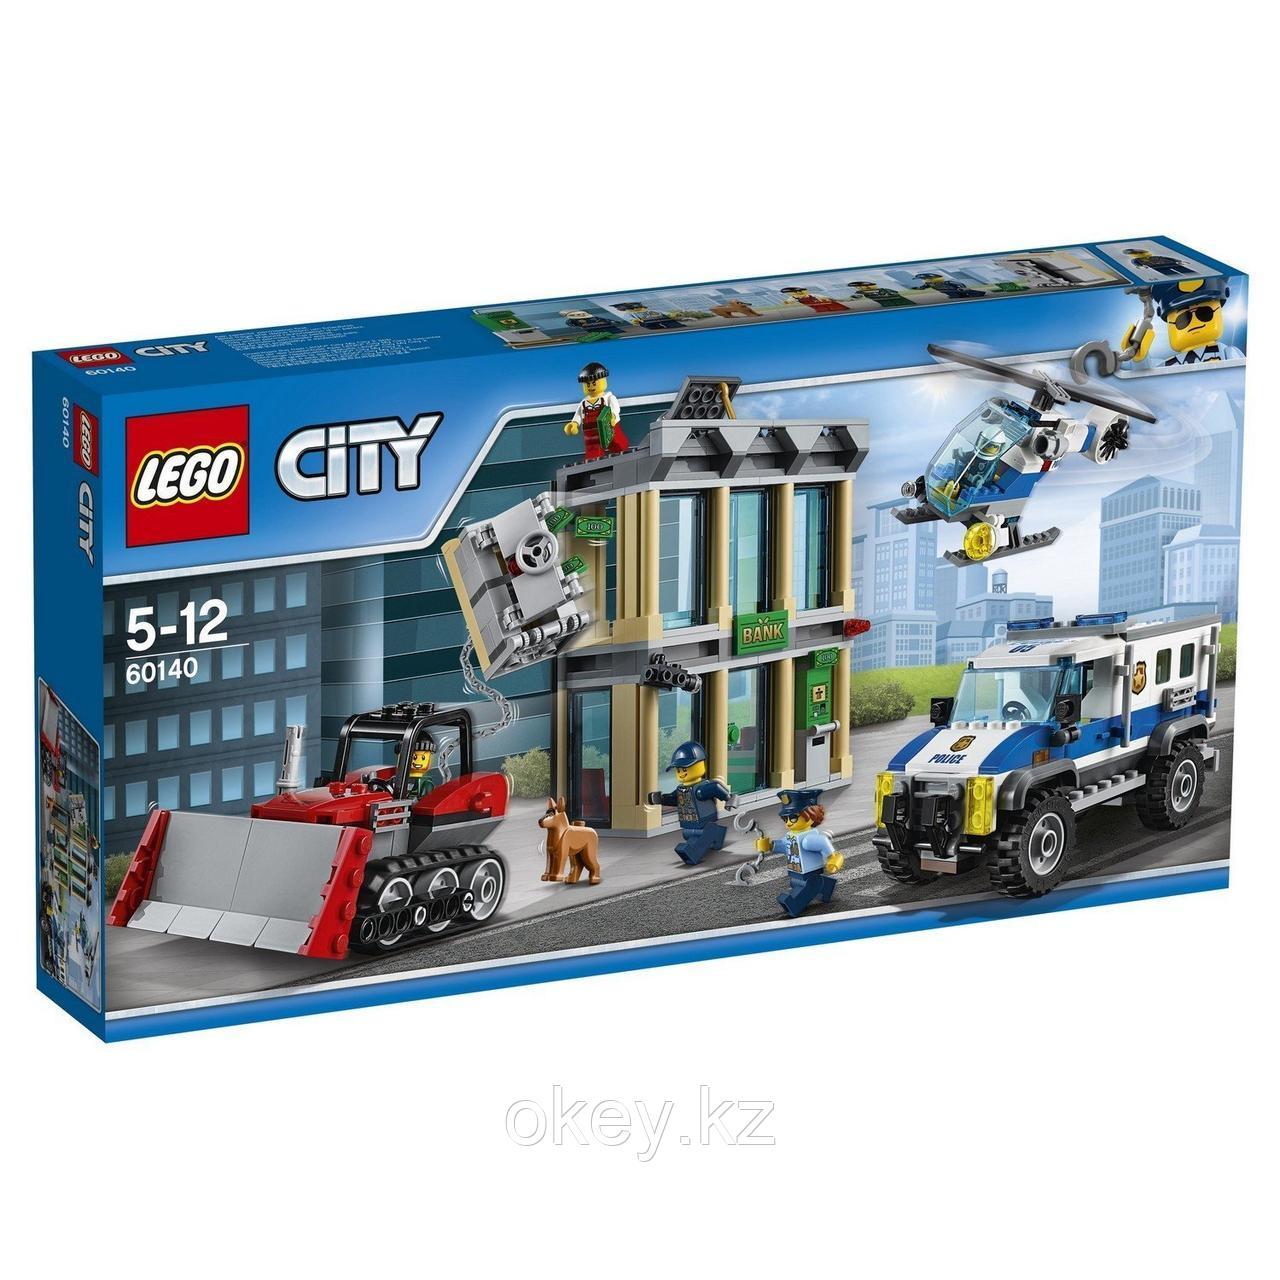 LEGO City: Ограбление на бульдозере 60140